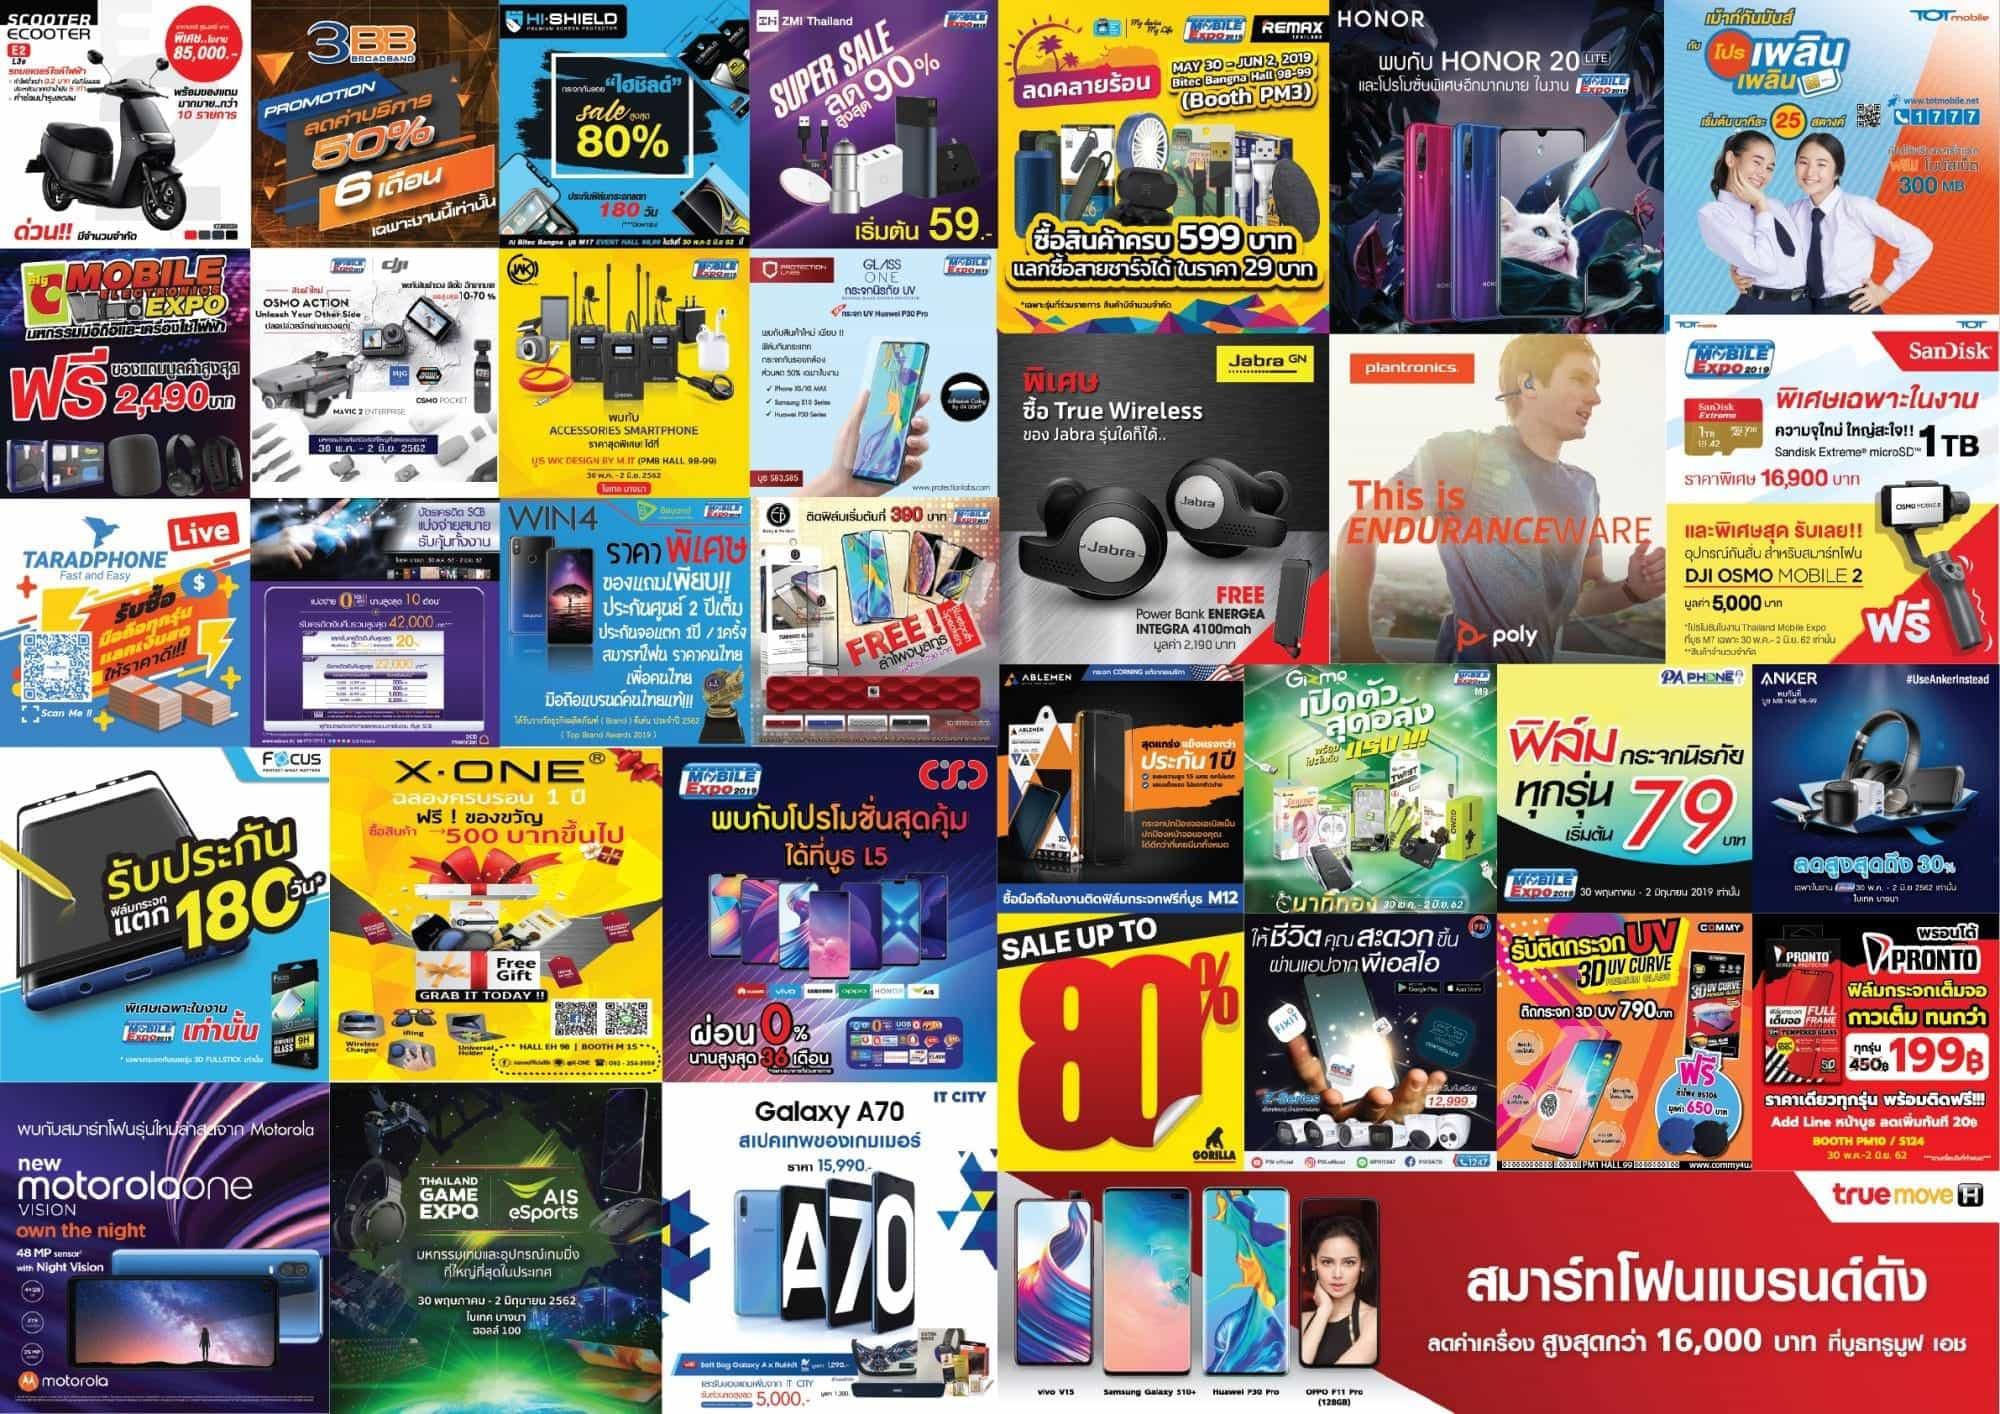 รวมโปรโมชั่น Thailand Mobile Expo 2019 วันที่ 30 พ.ค. - 2 มิ.ย. 2562 3